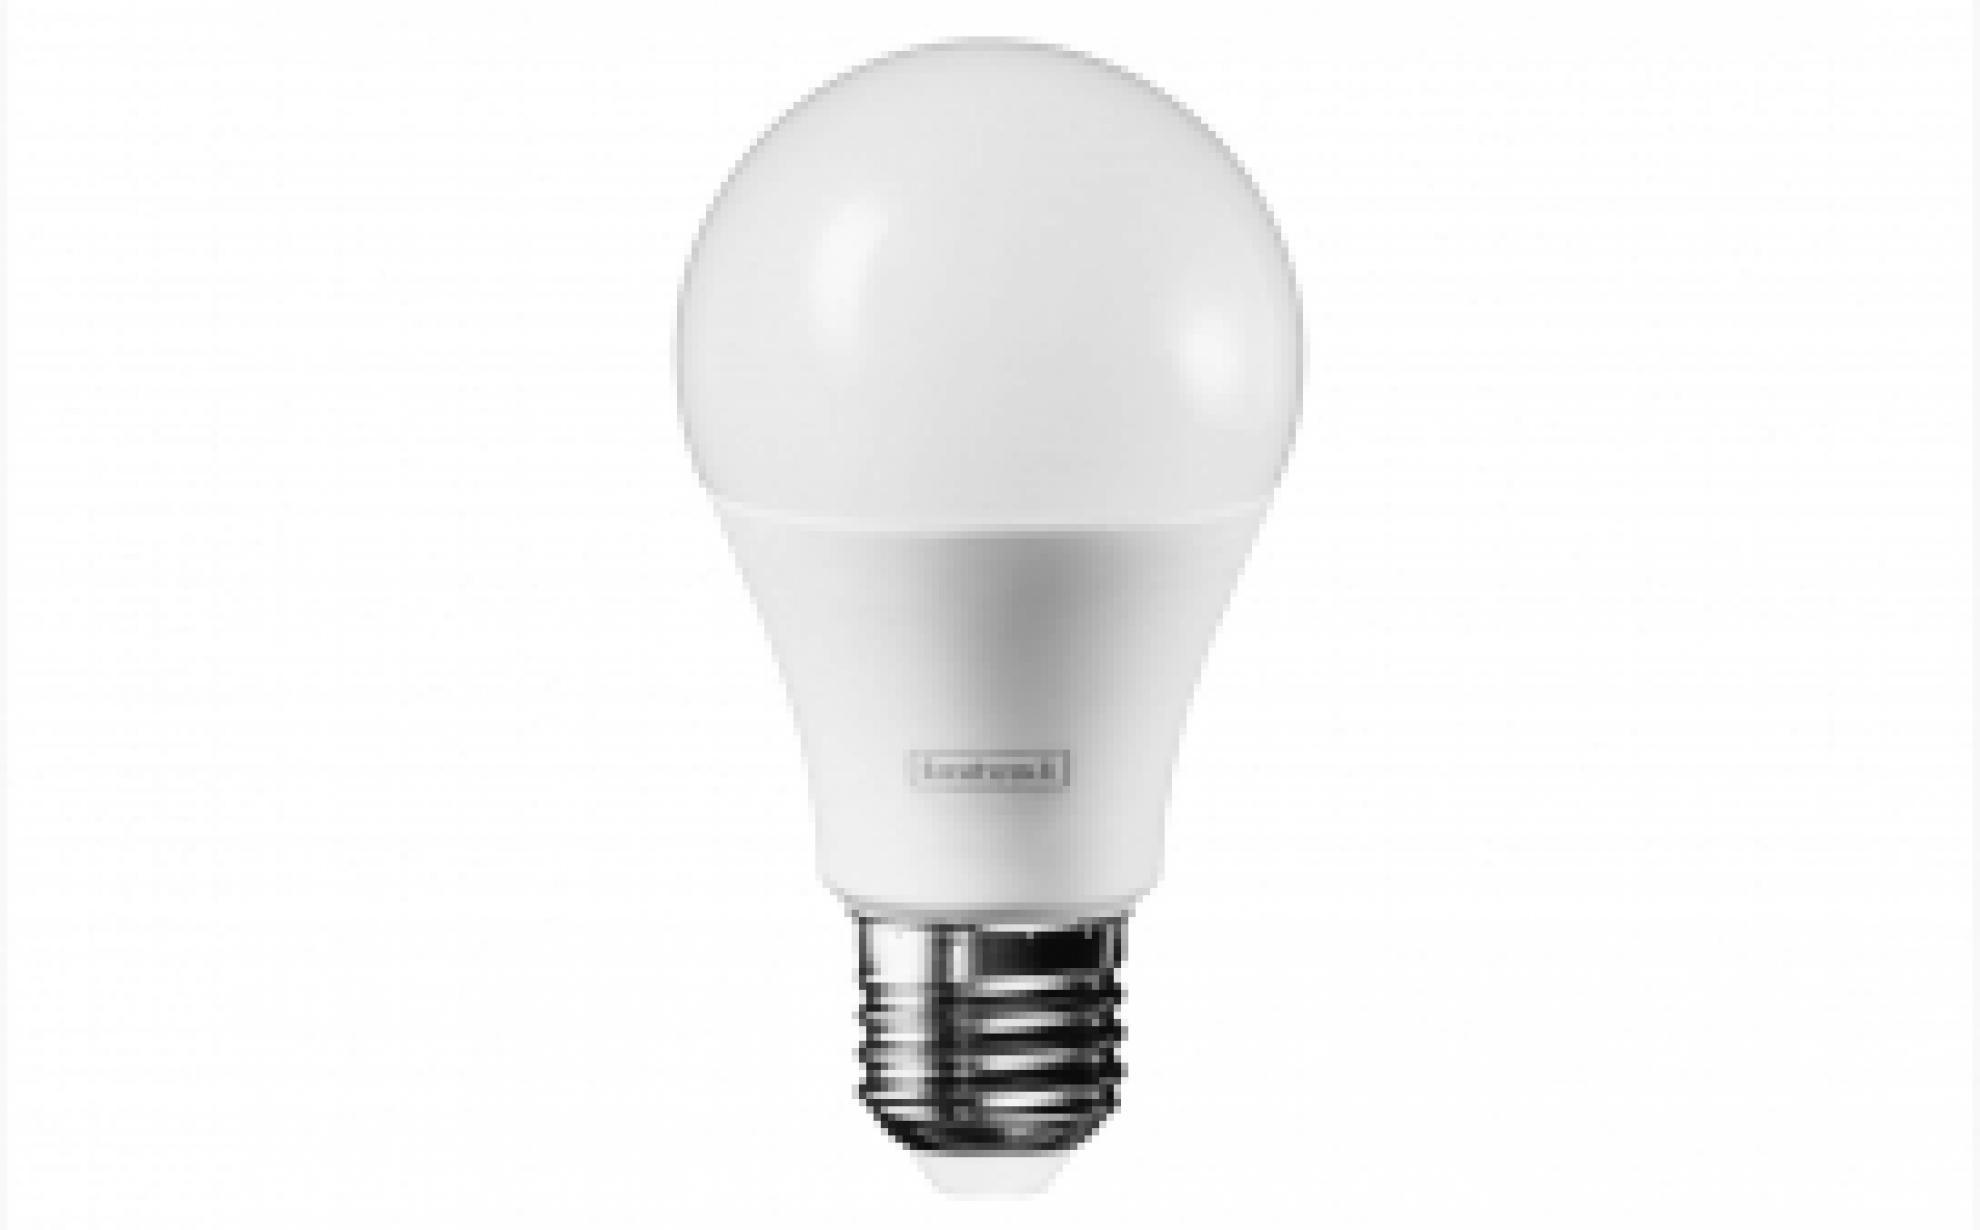 LAMPADA LED BULBO 10W 6500K BIV 60CM T8